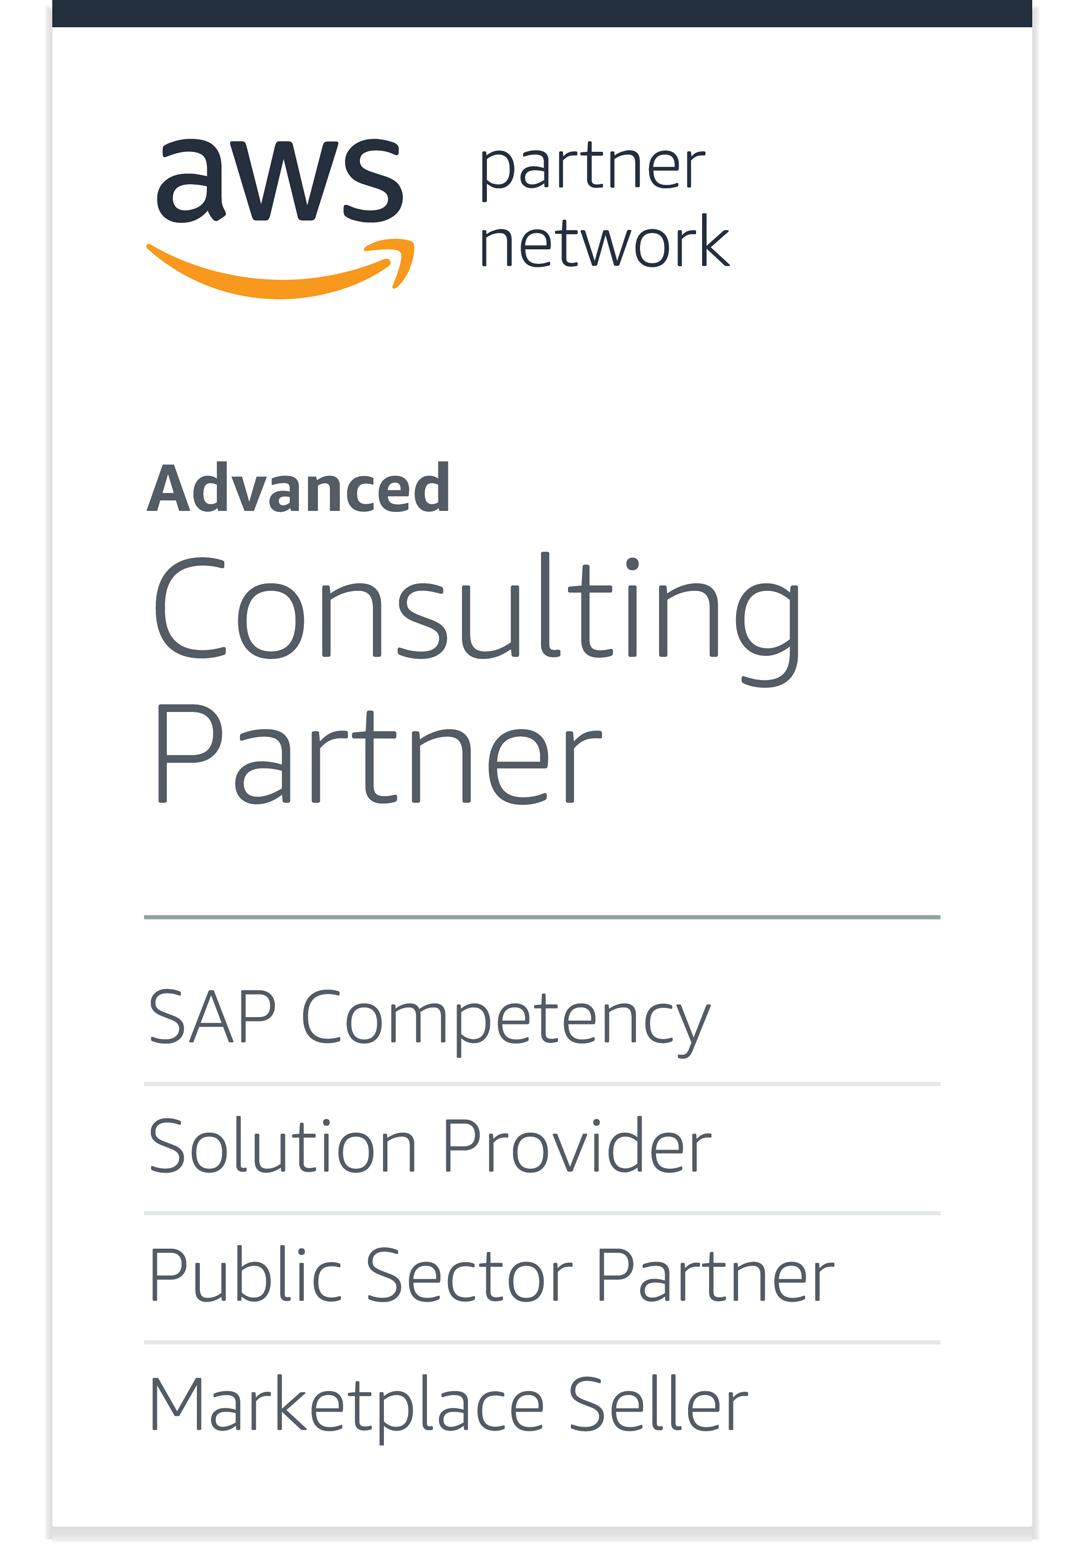 AWS Silver consulting partner logo